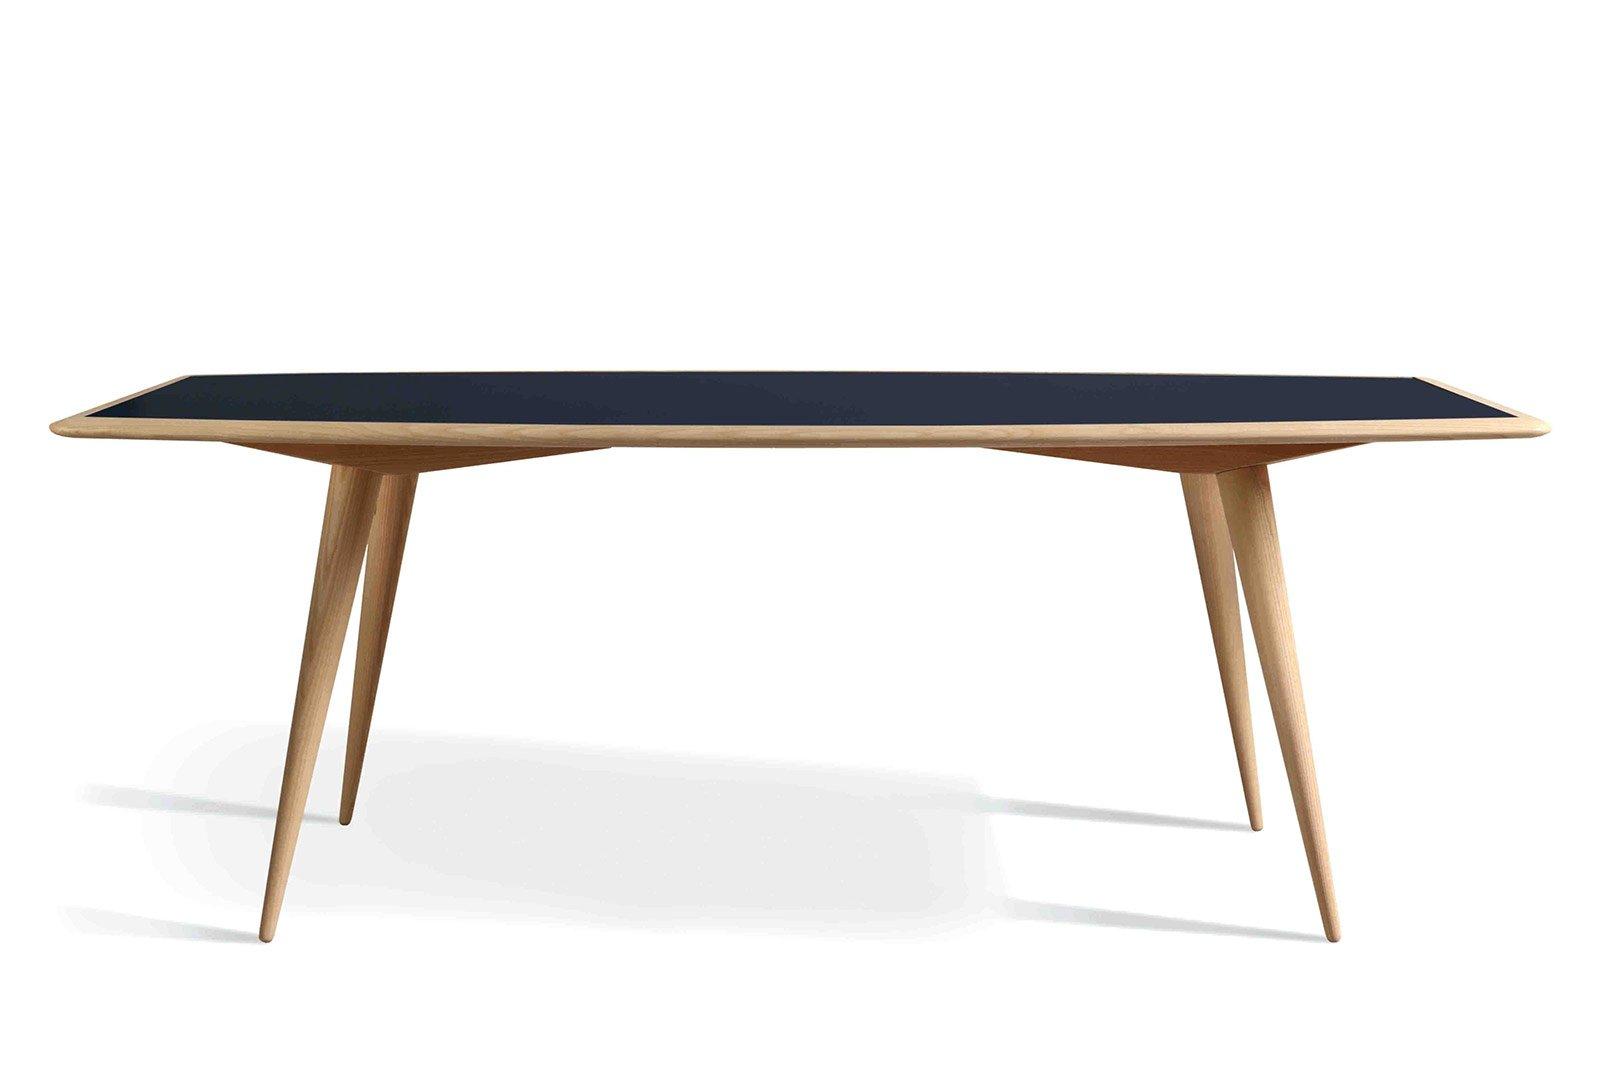 Tavolo in legno: vintage, moderno, tradizionale - Cose di Casa